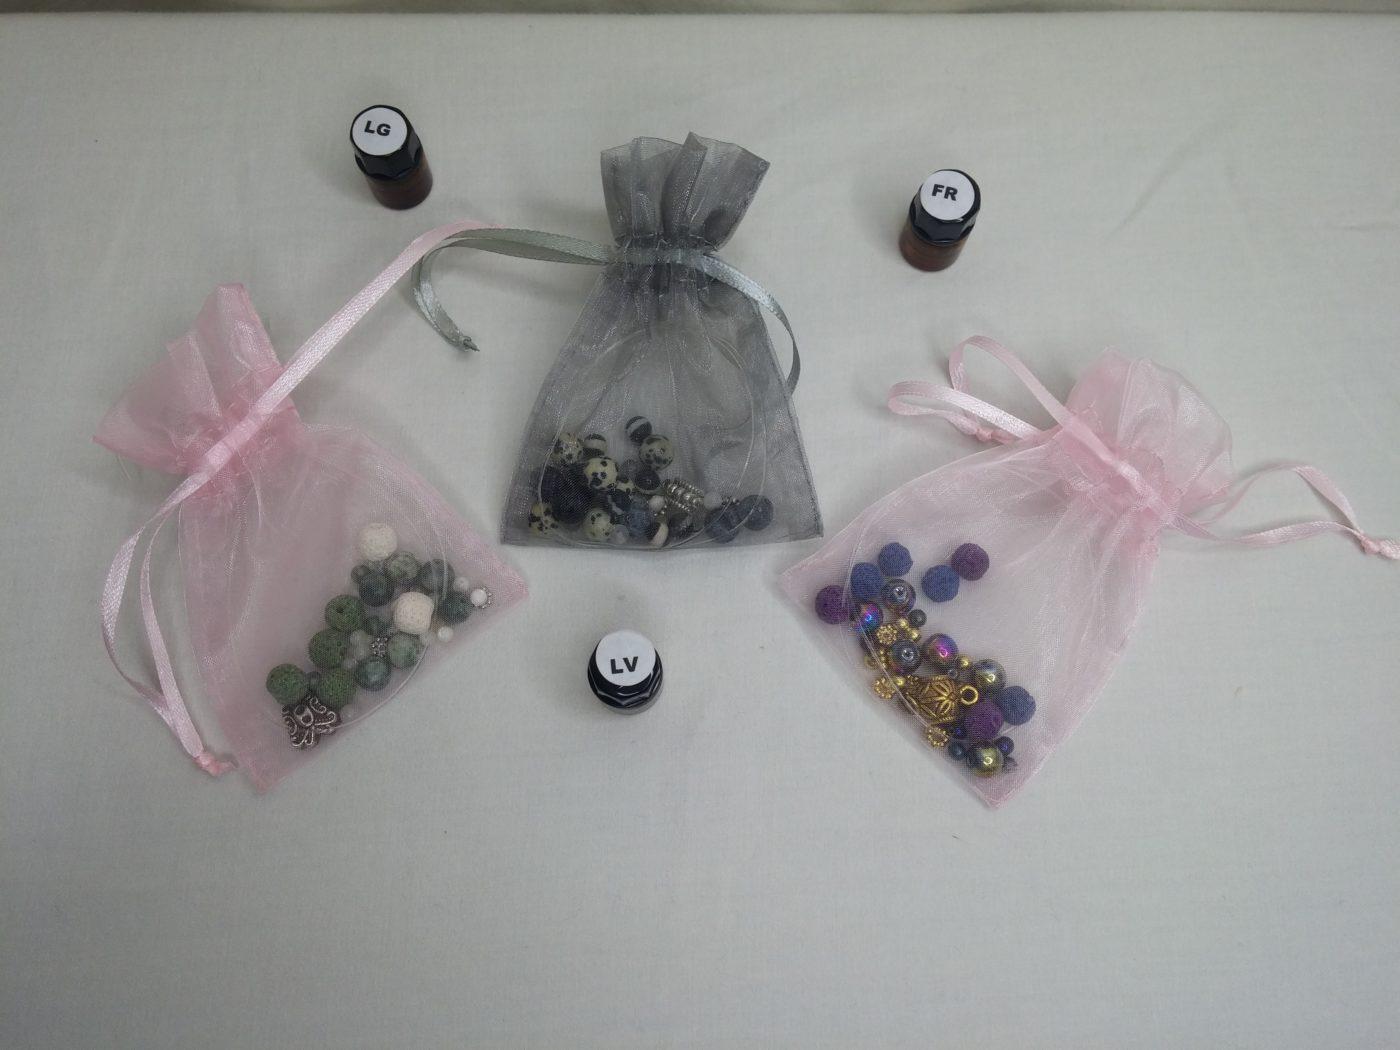 aroma-on-the-rocks-bracelet-kit-adult-size